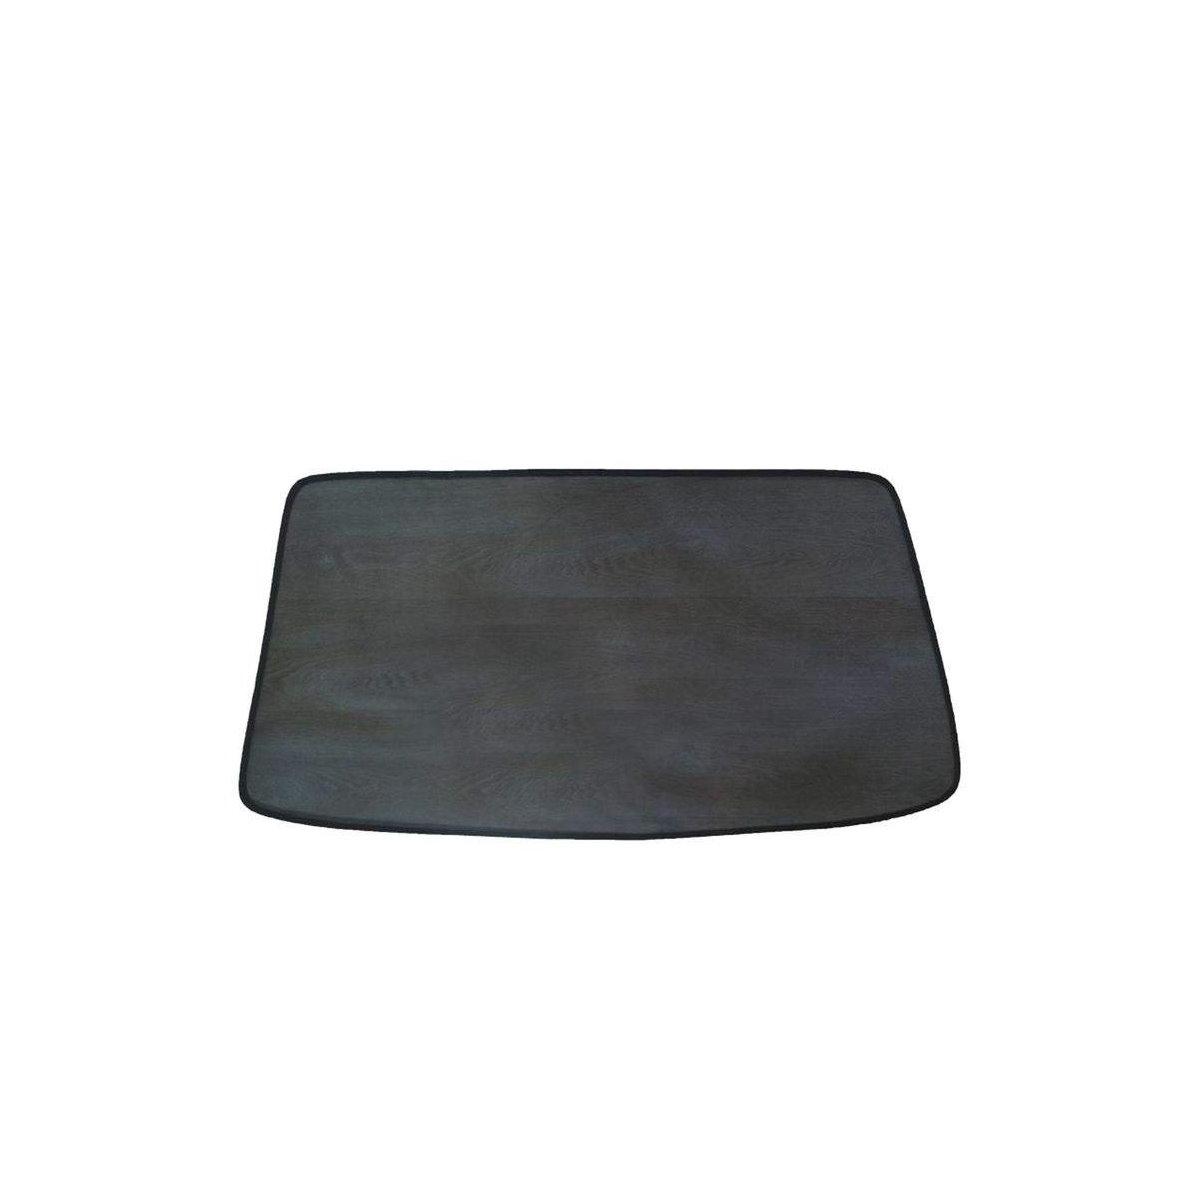 خرید                     آفتاب گیر شیشه عقب خودرو سان شید کد 02 مناسب برای پژو 206